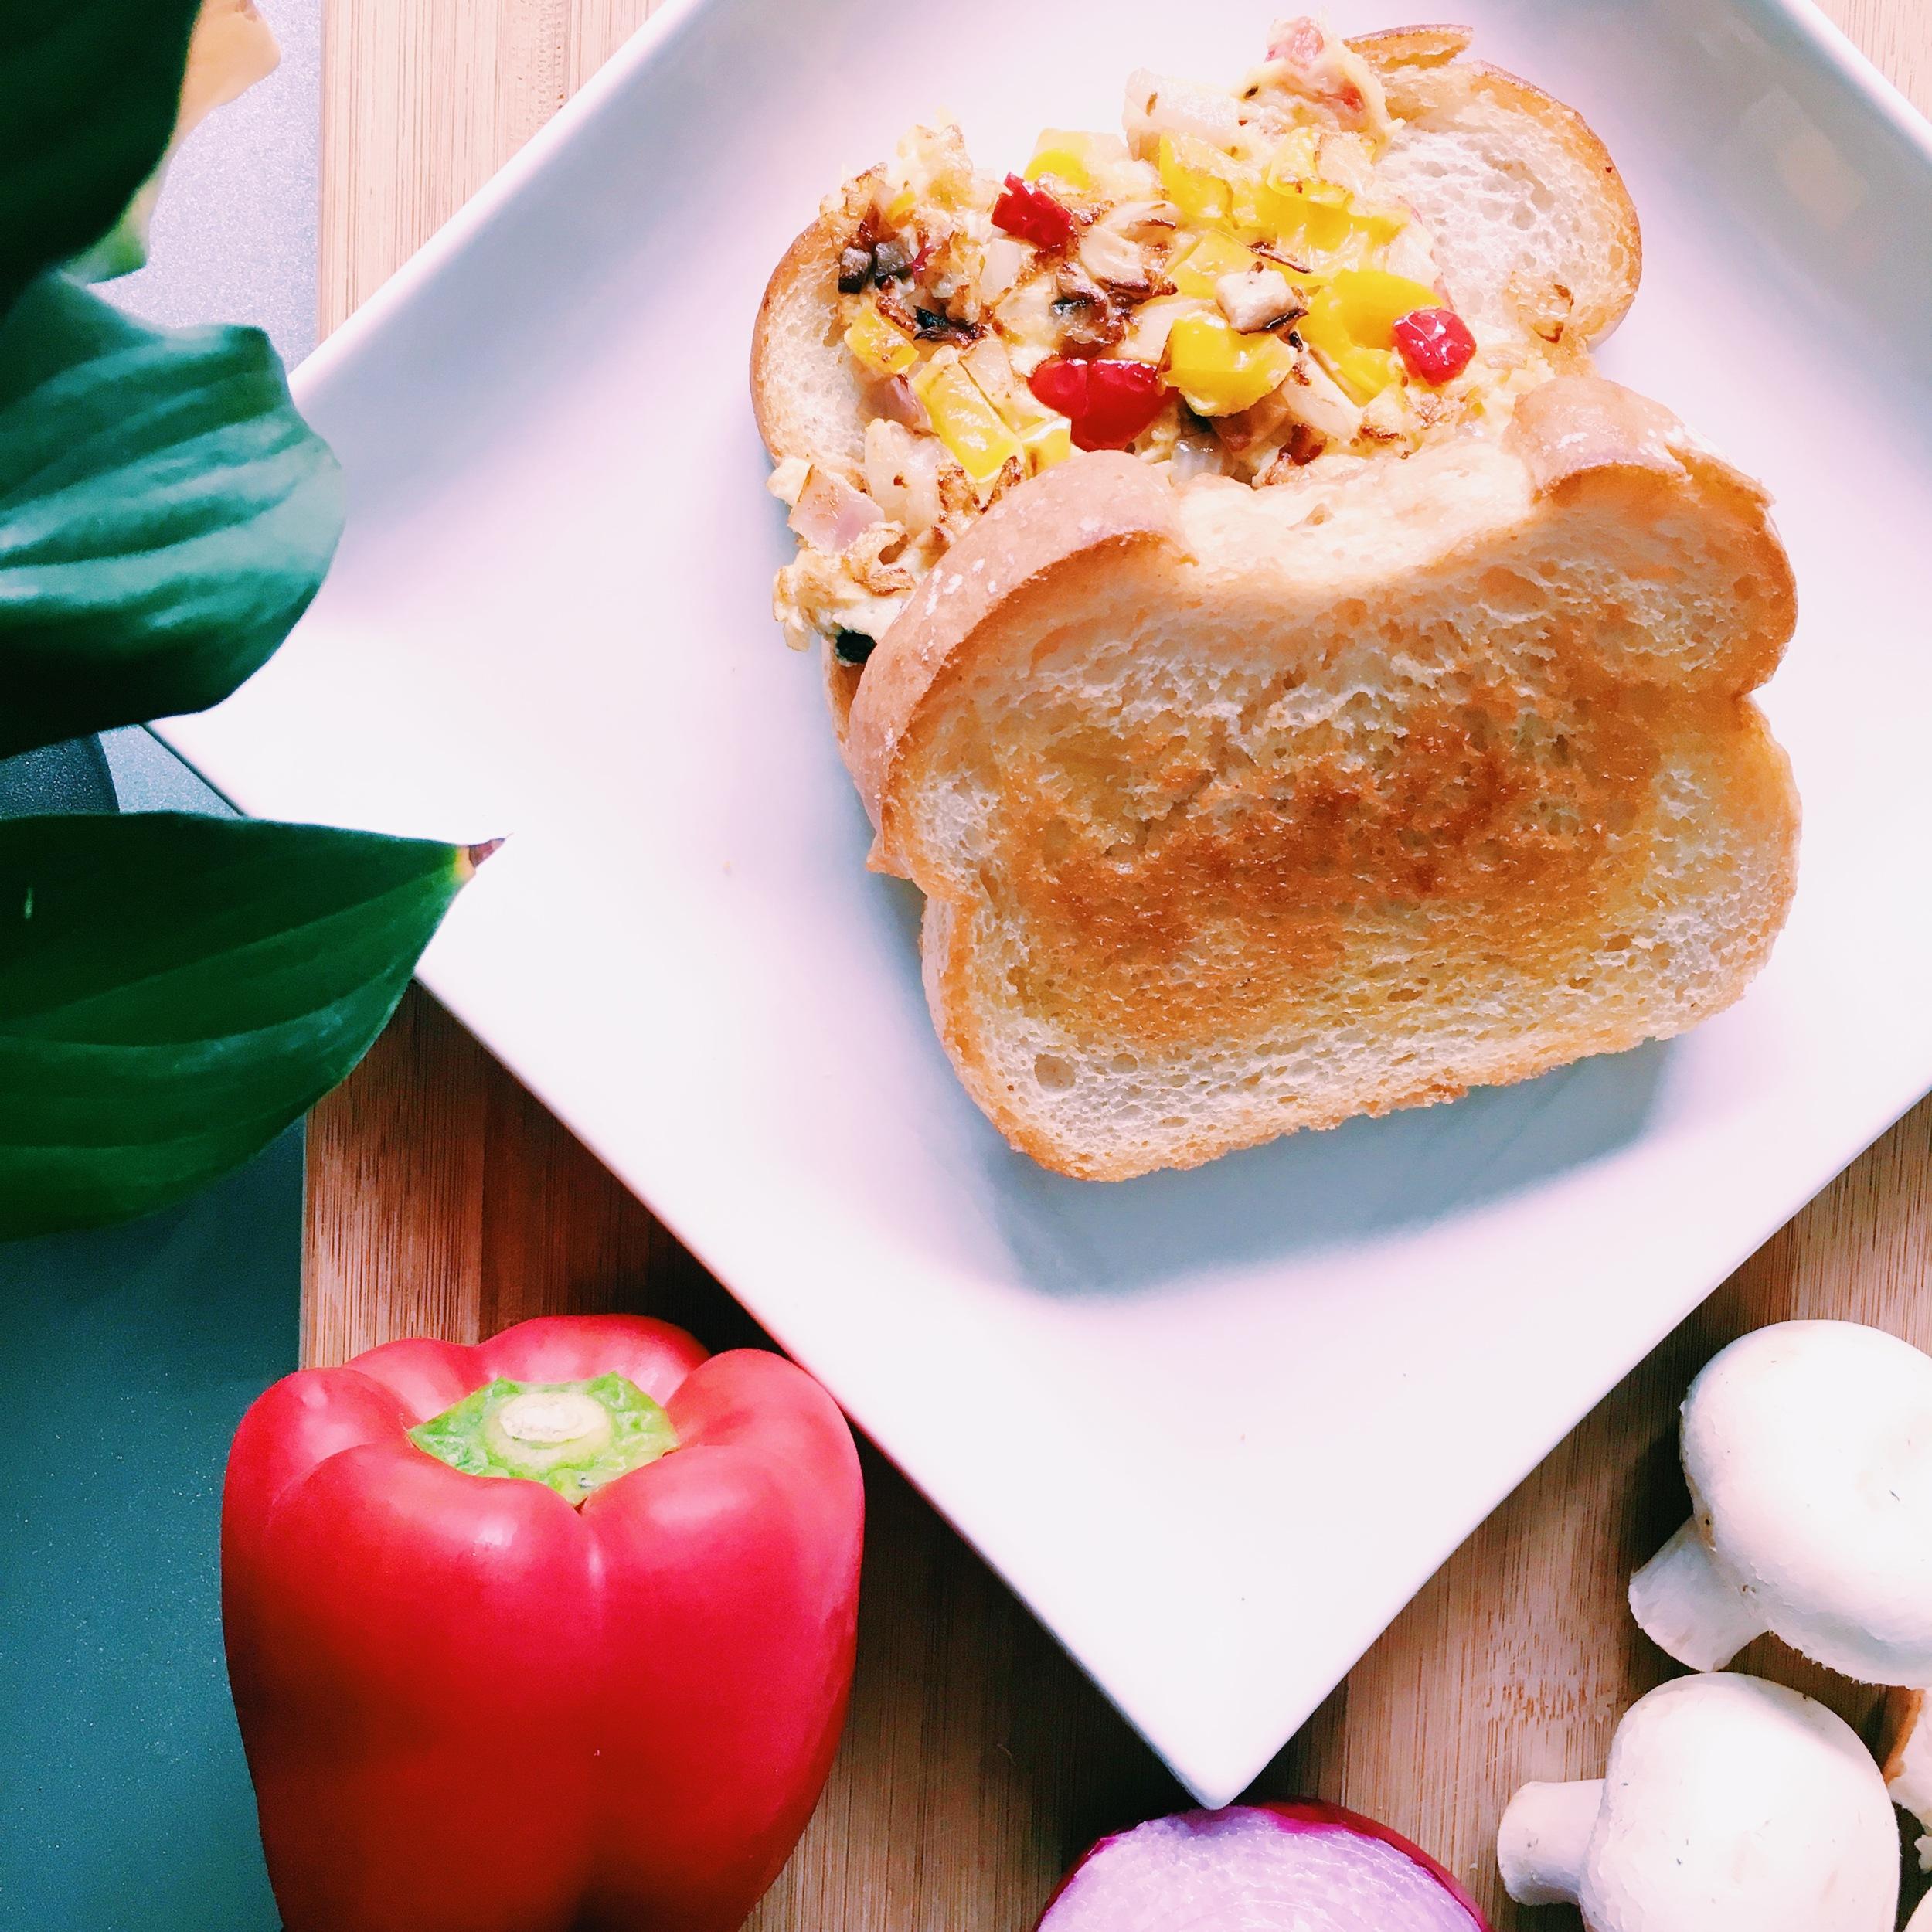 Western Omelette Sandwich